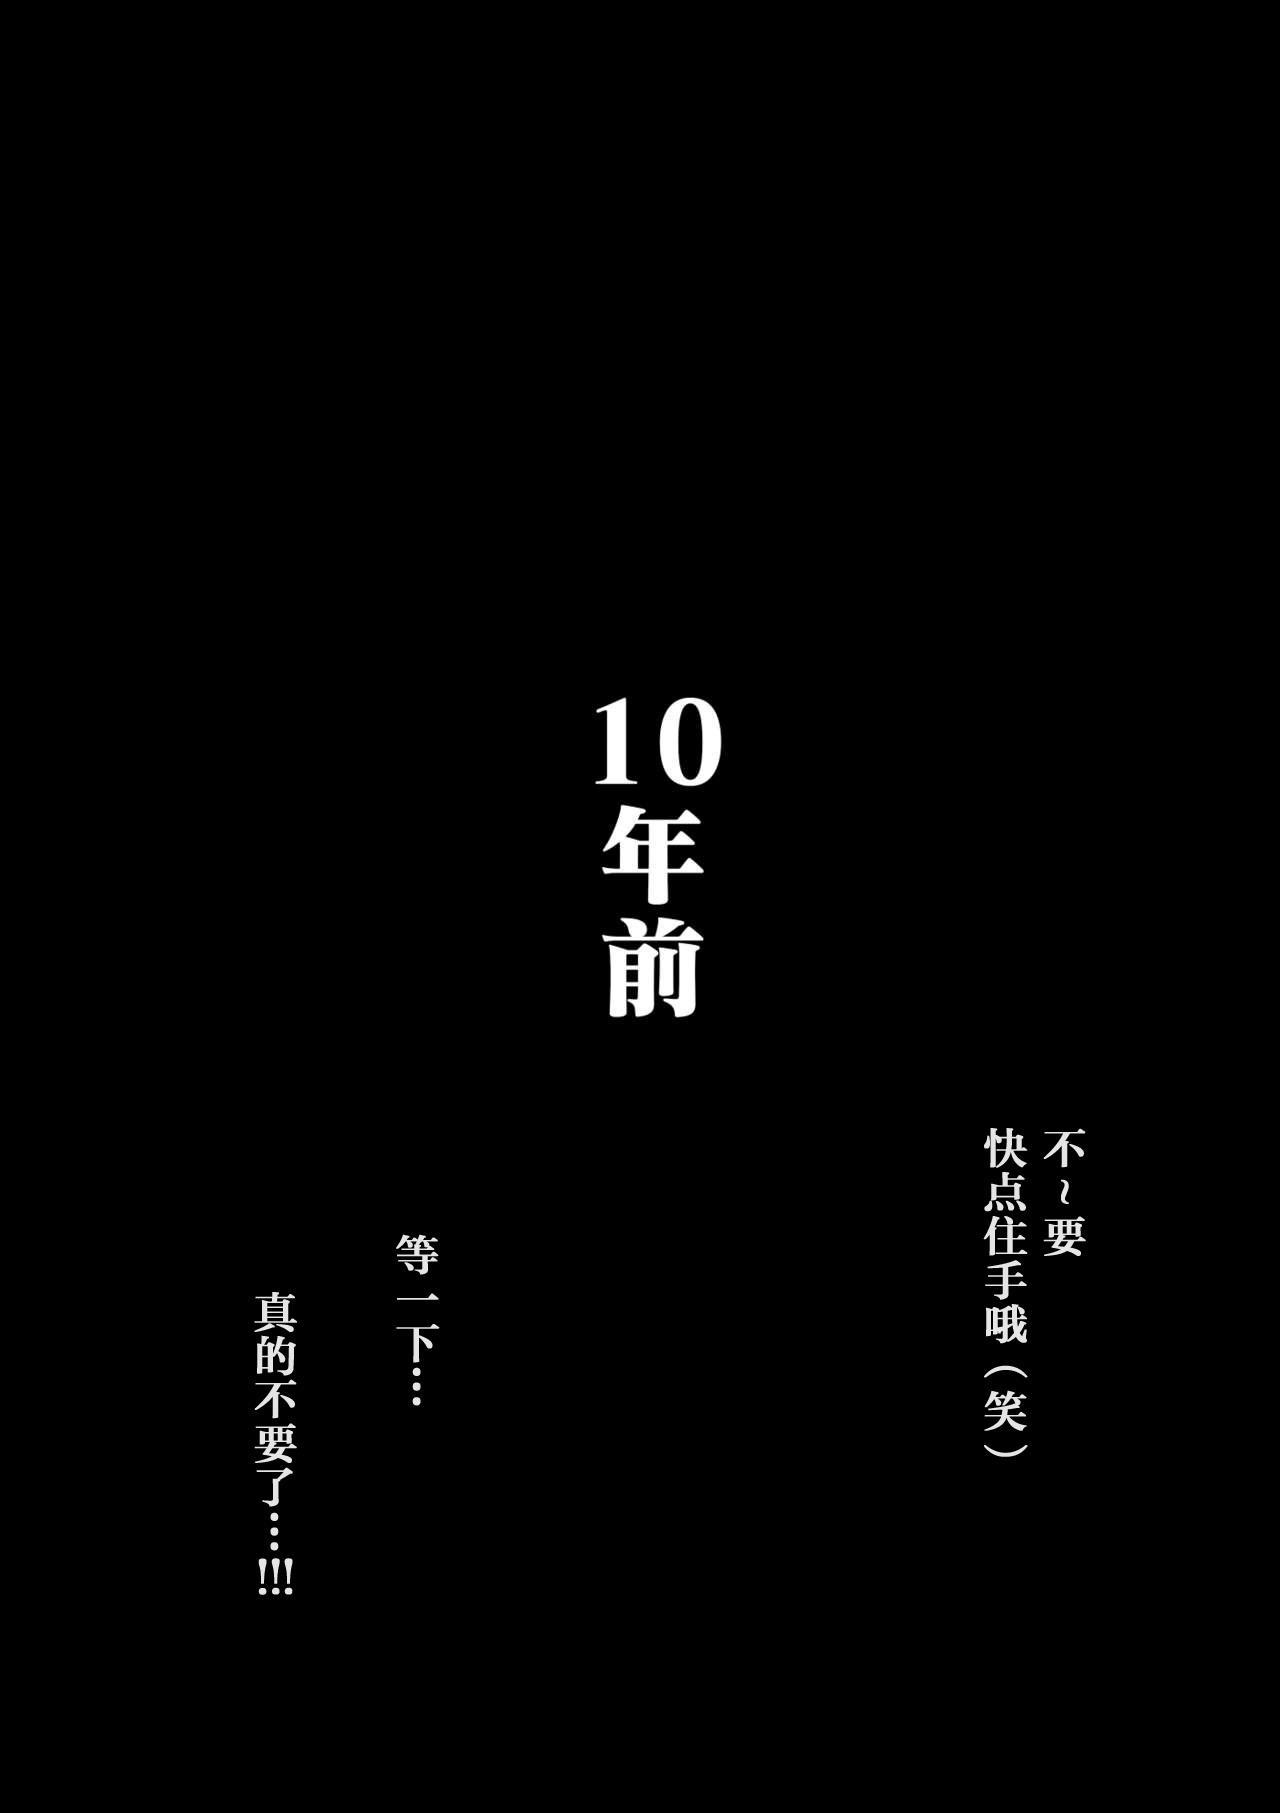 [Oozora Kaiko] Kaa-san to Ore no 20-nenshi ~Waga Ie no Kinshin Soukan Kaikoroku [Chinese] [金麦基个人汉化] 16